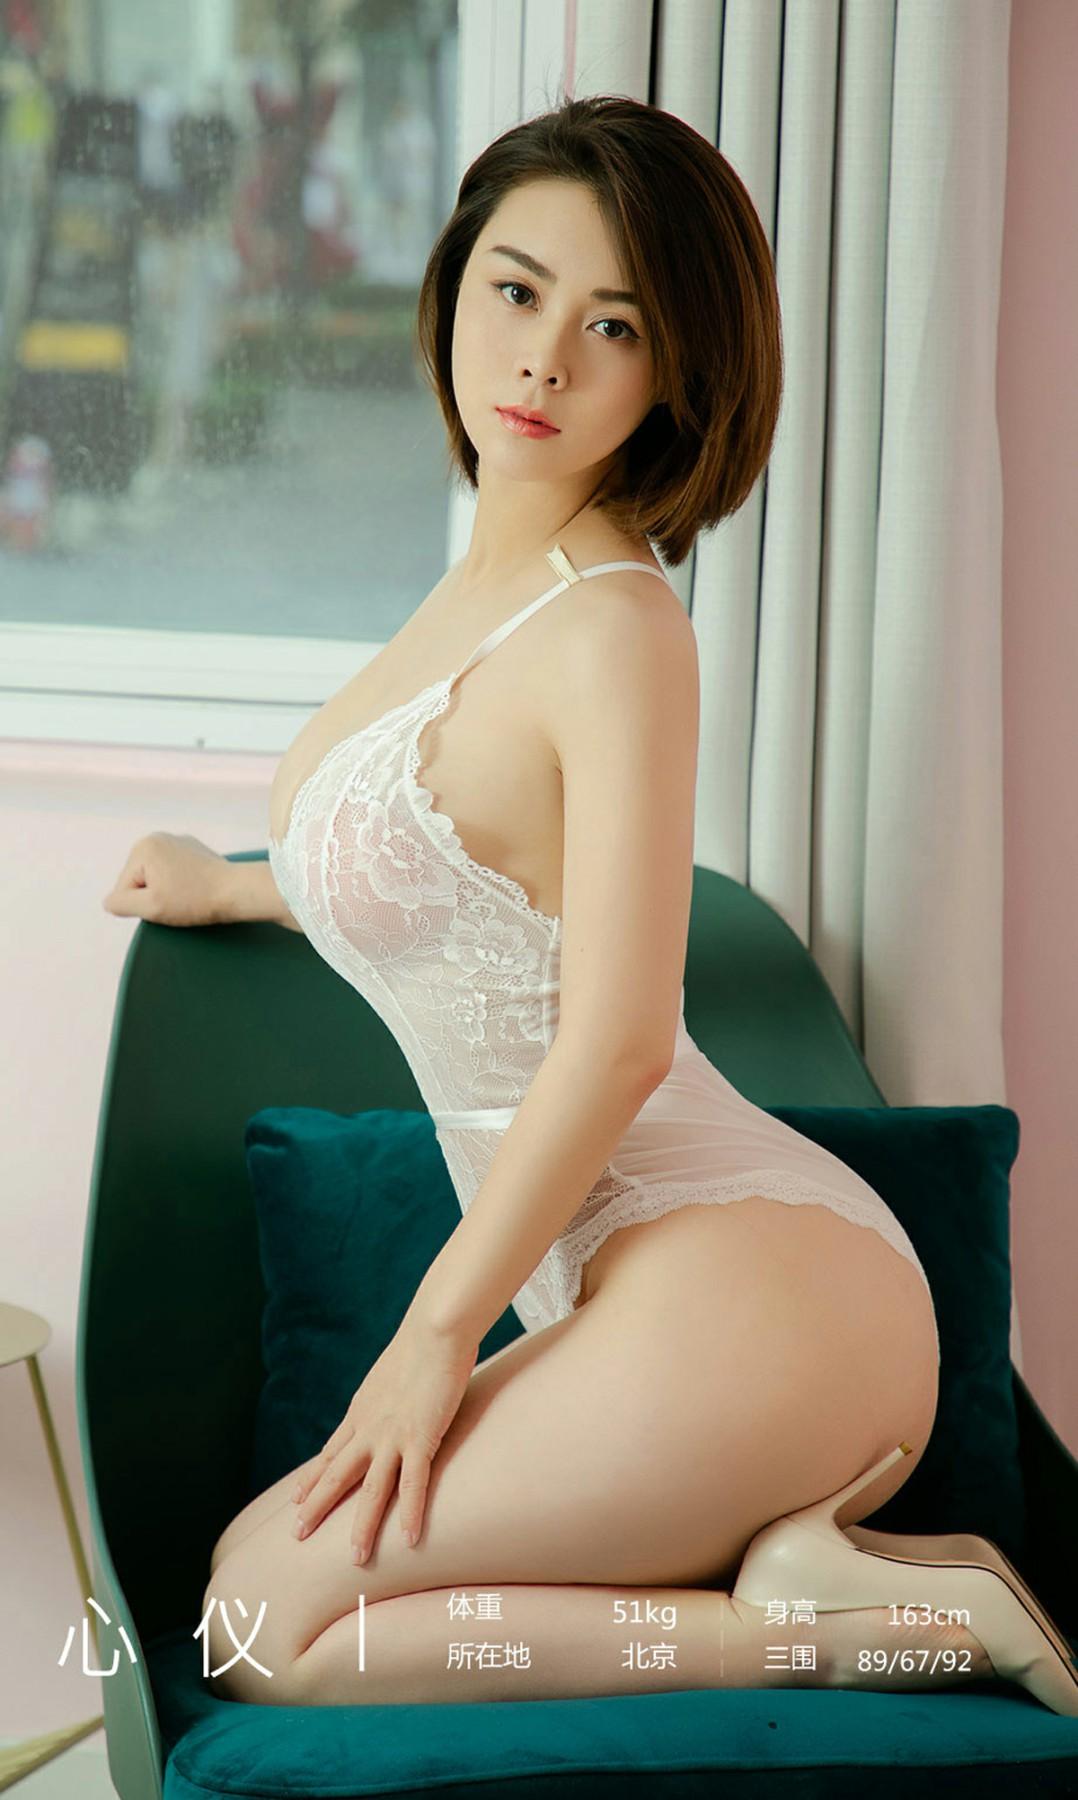 [Ugirls尤果网]爱尤物专辑 2019.06.228 No.1500 心仪 心仪马卡龙 [33P] 尤果网 第2张